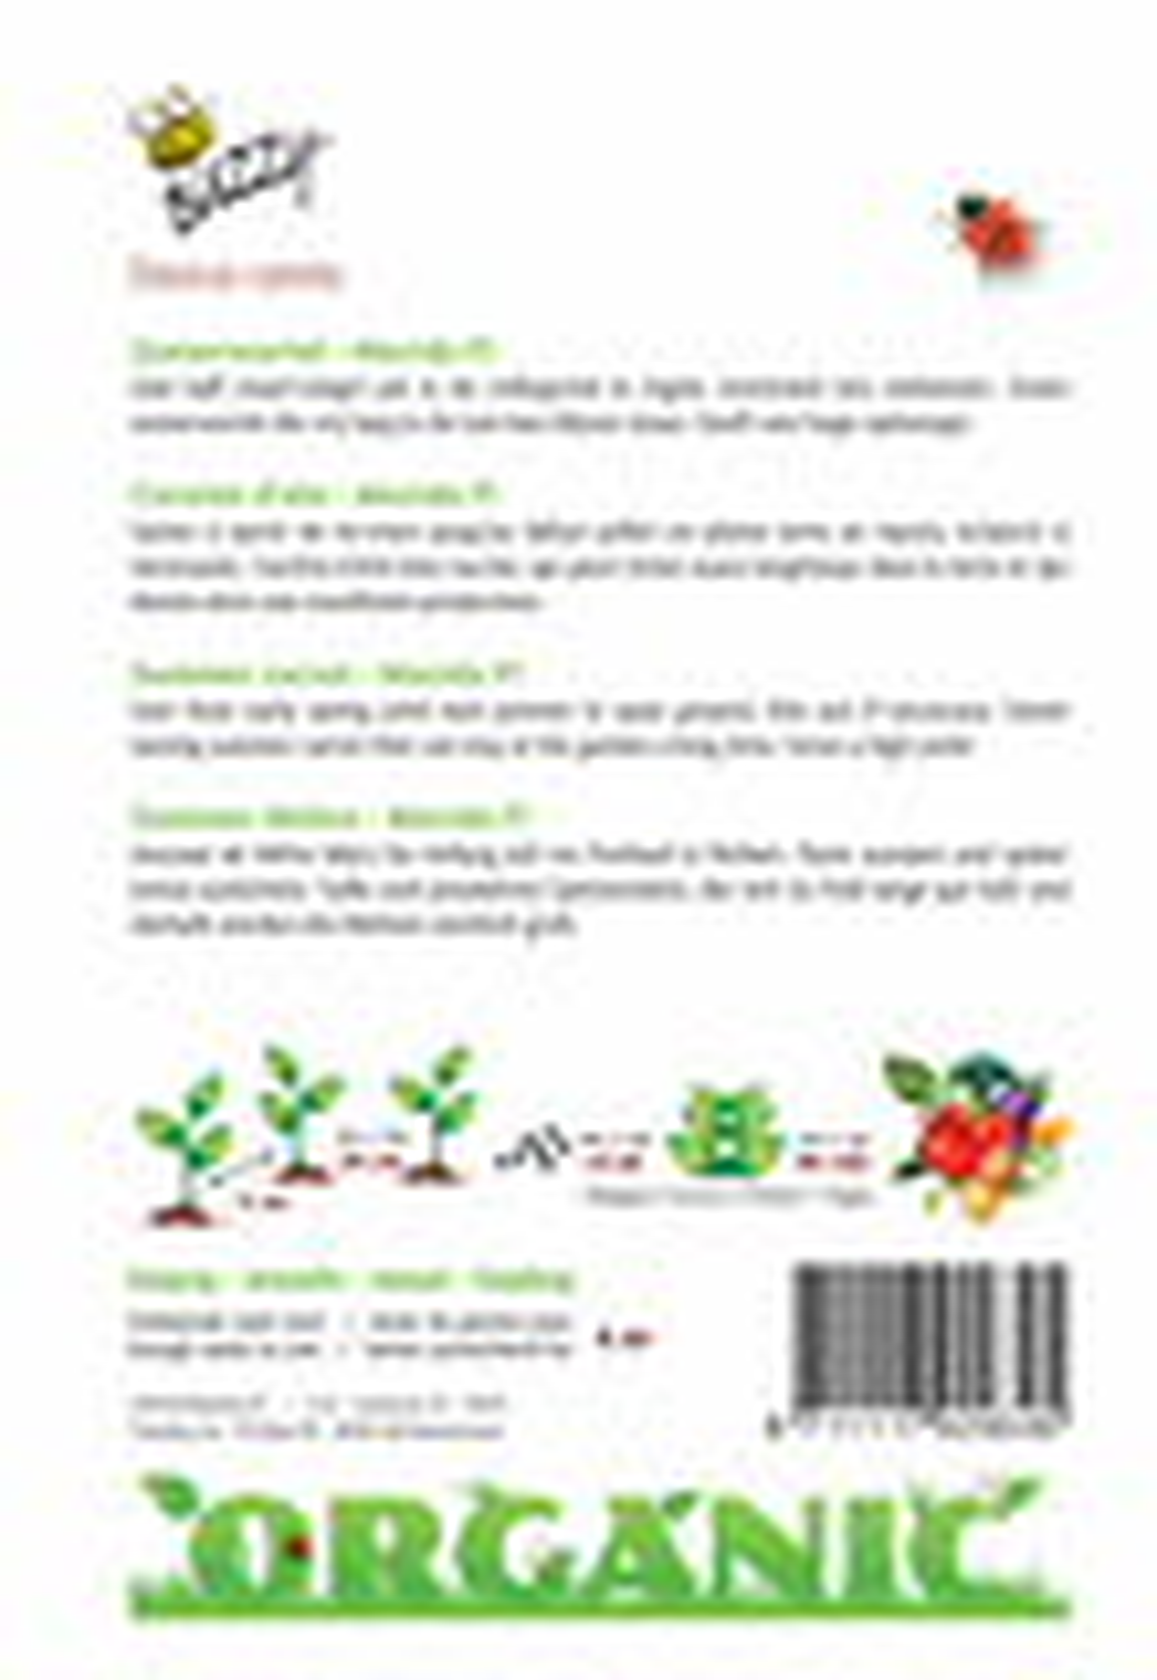 Buzzy-Organic-Zomerwortel-Merida-F1-BIO